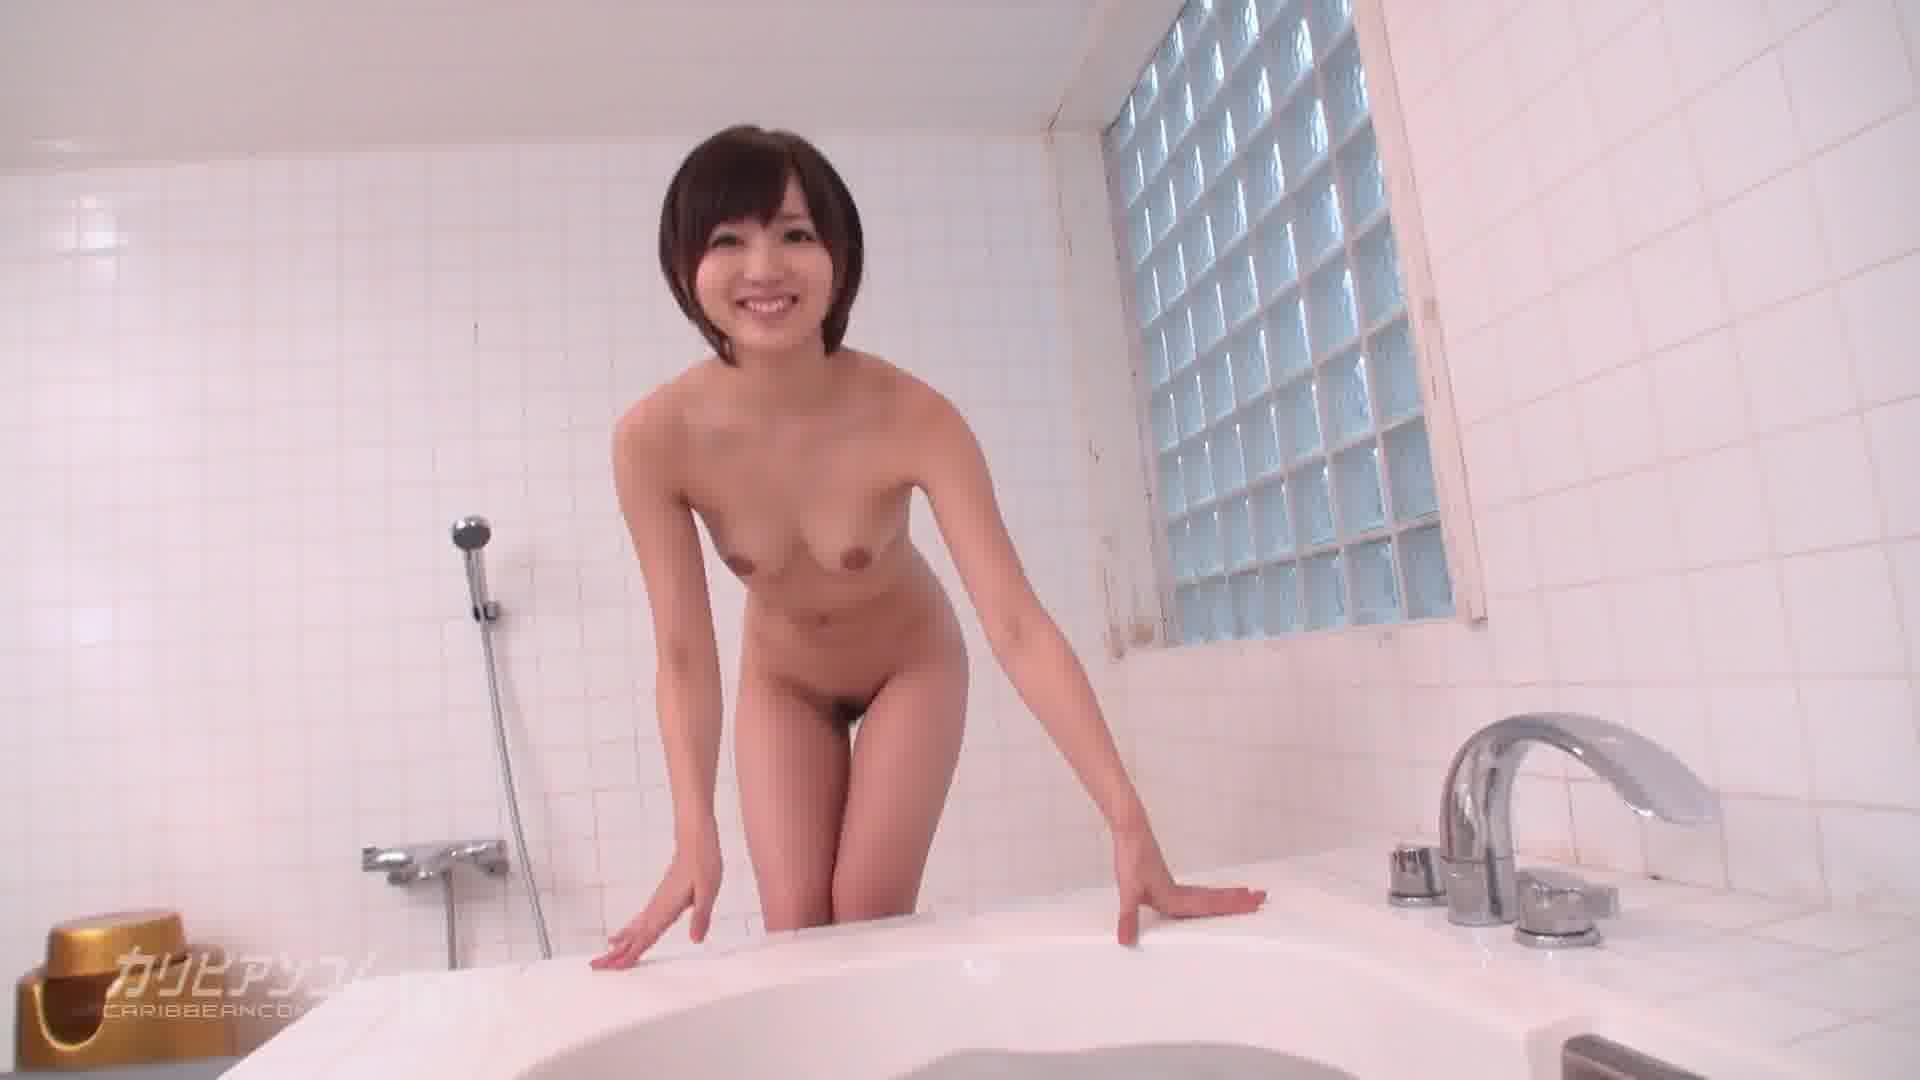 極上泡姫物語 Vol.18 - 麻倉憂【微乳・クンニ・中出し】